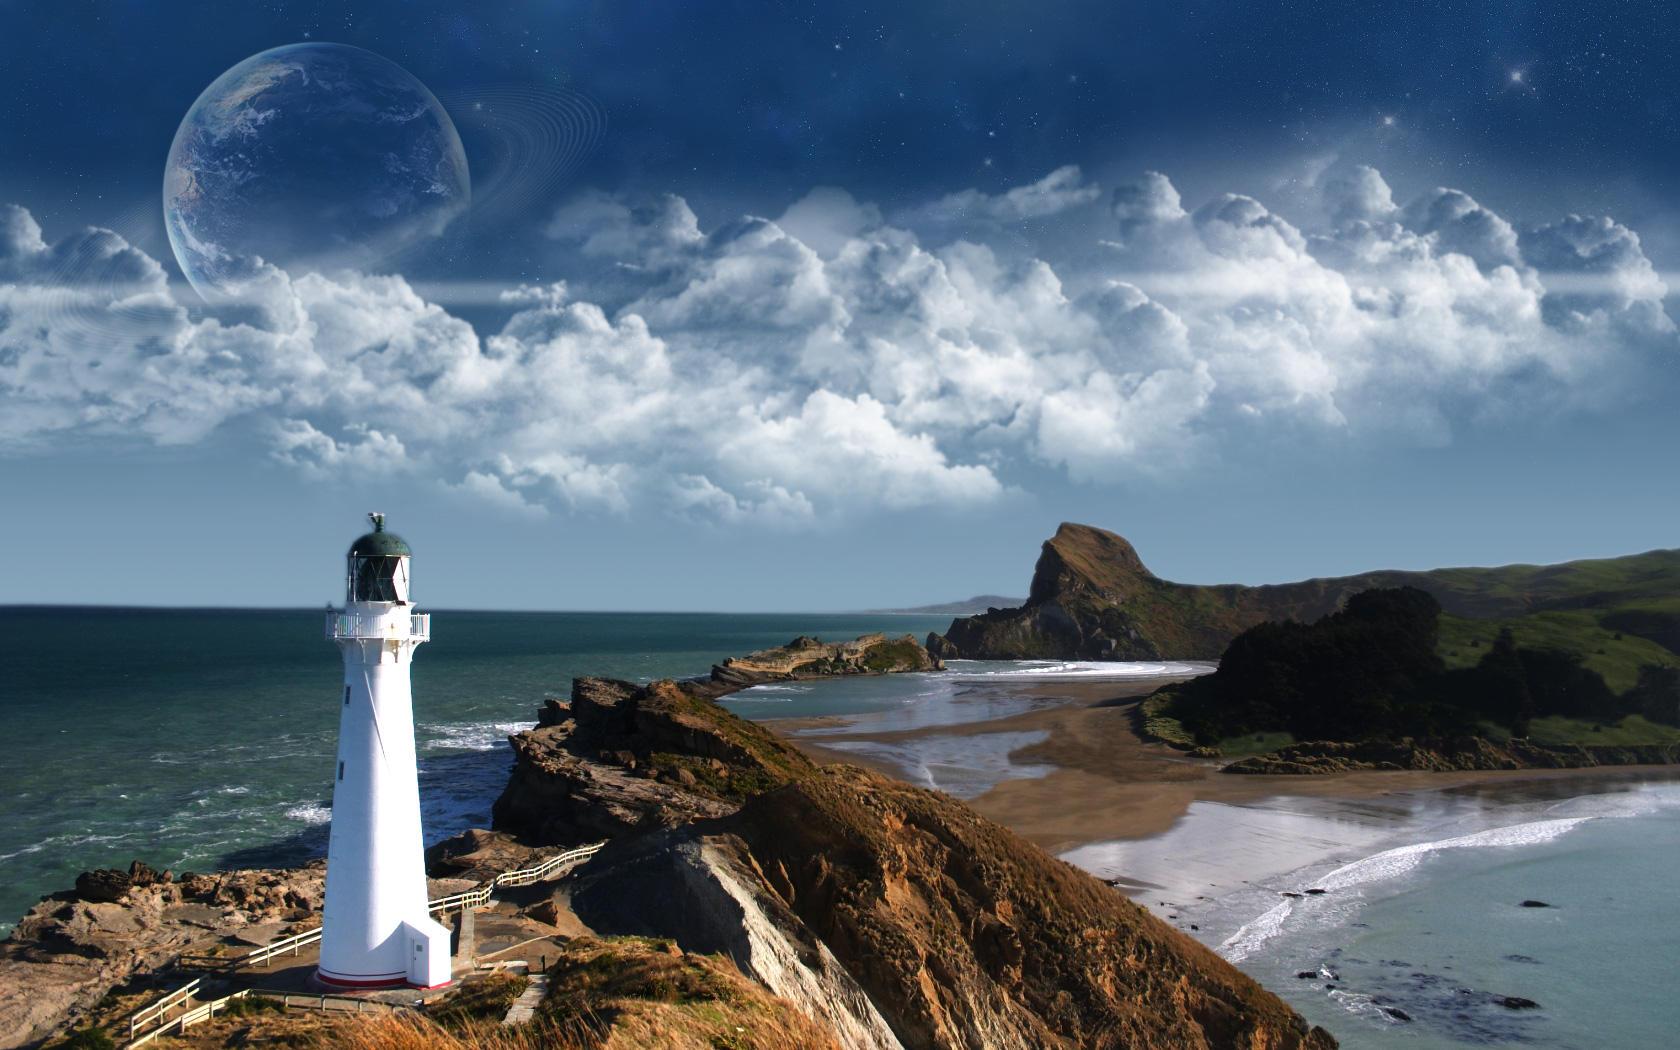 Lighthouse by nuaHs